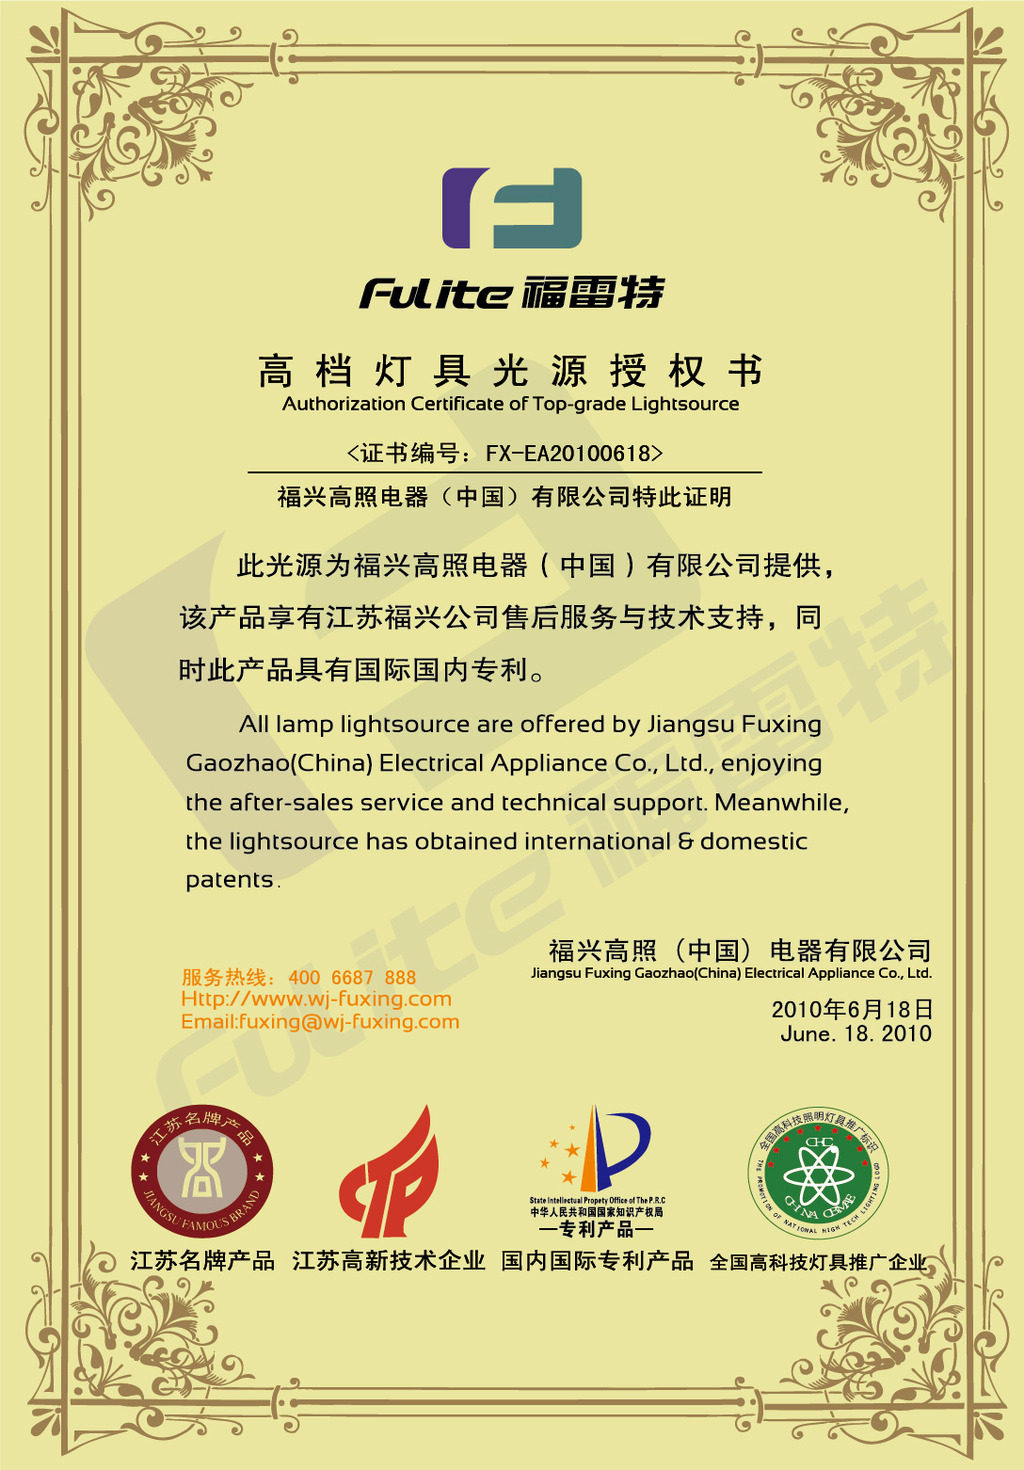 公司授权书 电器 电器授权书 照明 名牌产品 专利 证书 证书模版 授权